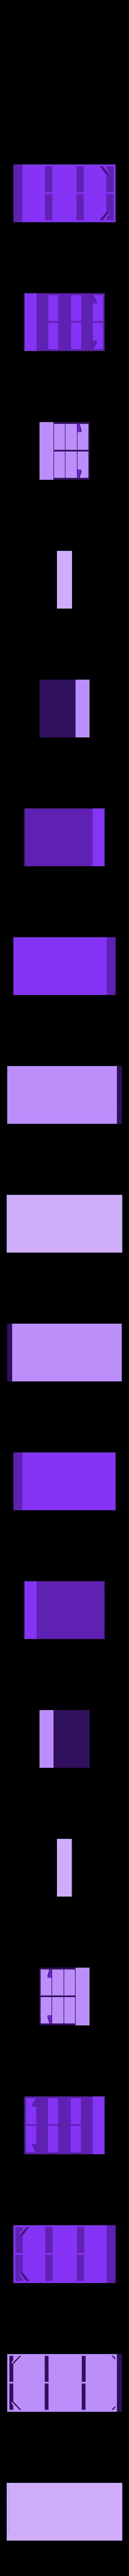 OrgBoxB.stl Télécharger fichier STL gratuit Organisateur d'ustensiles cosmétiques • Design à imprimer en 3D, Duskwin